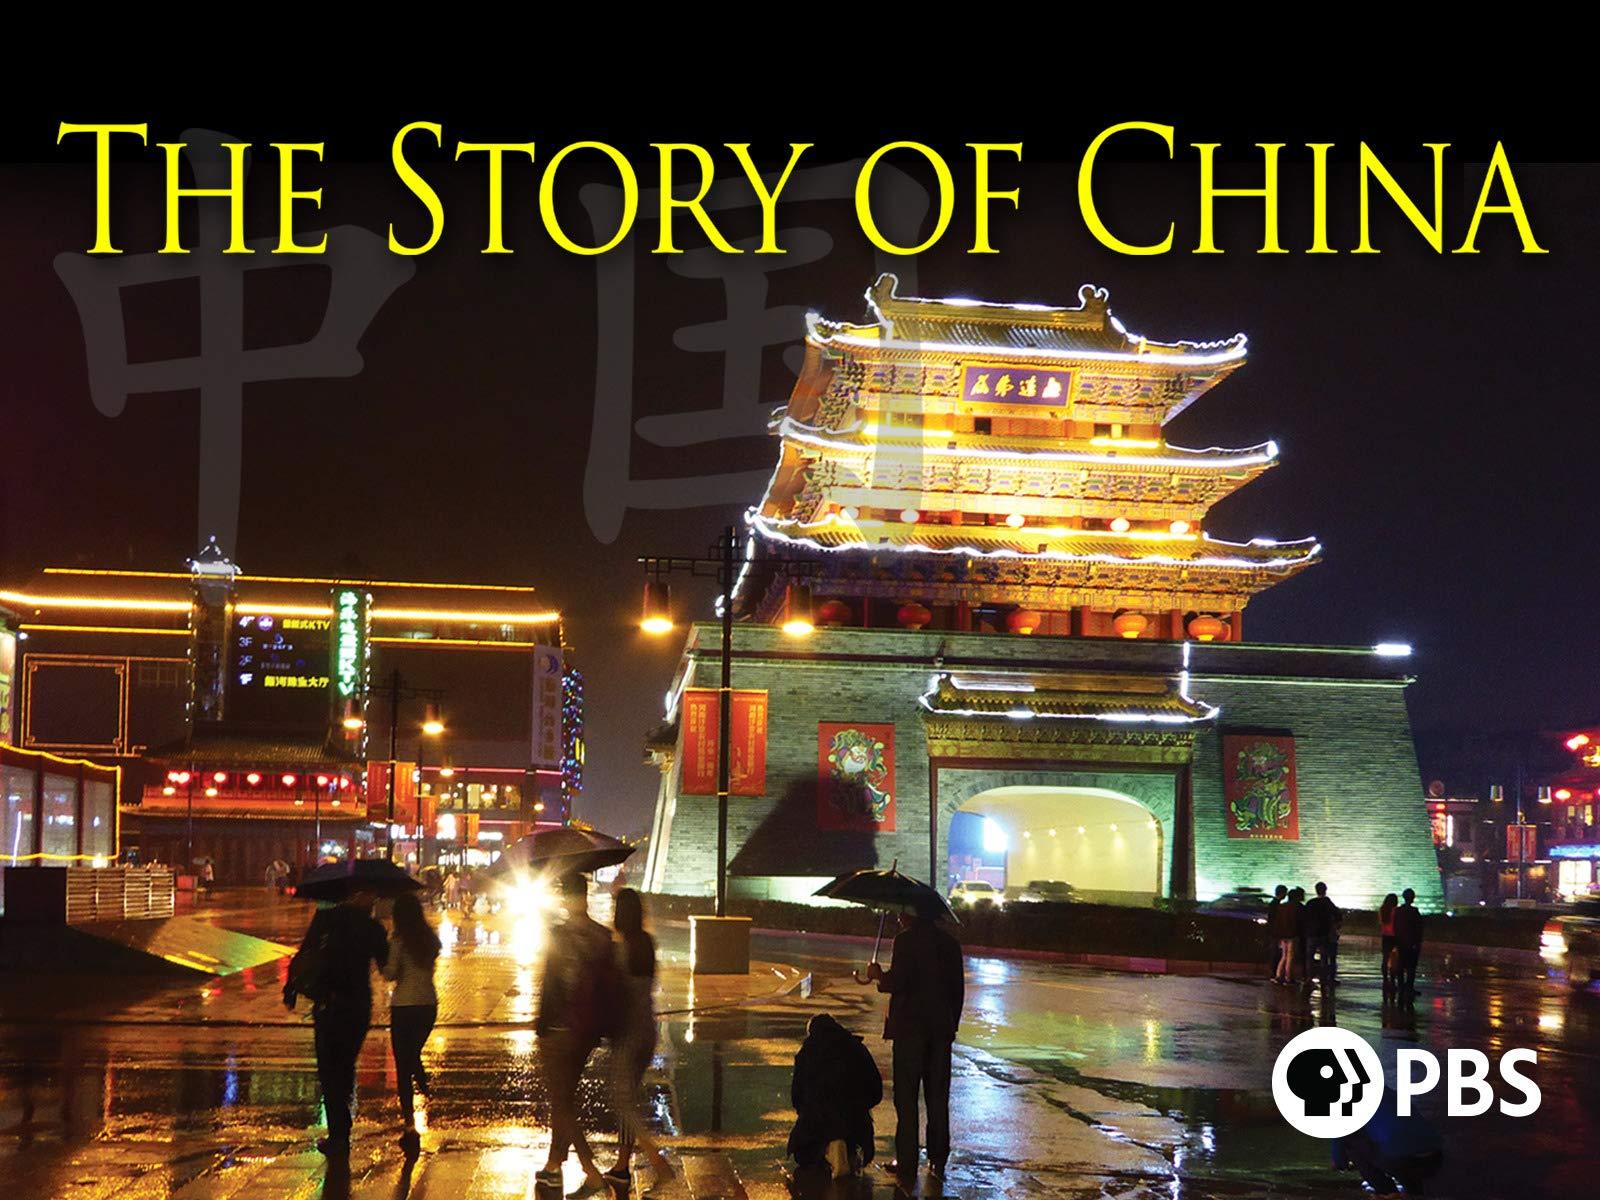 داستان چین (مستند)